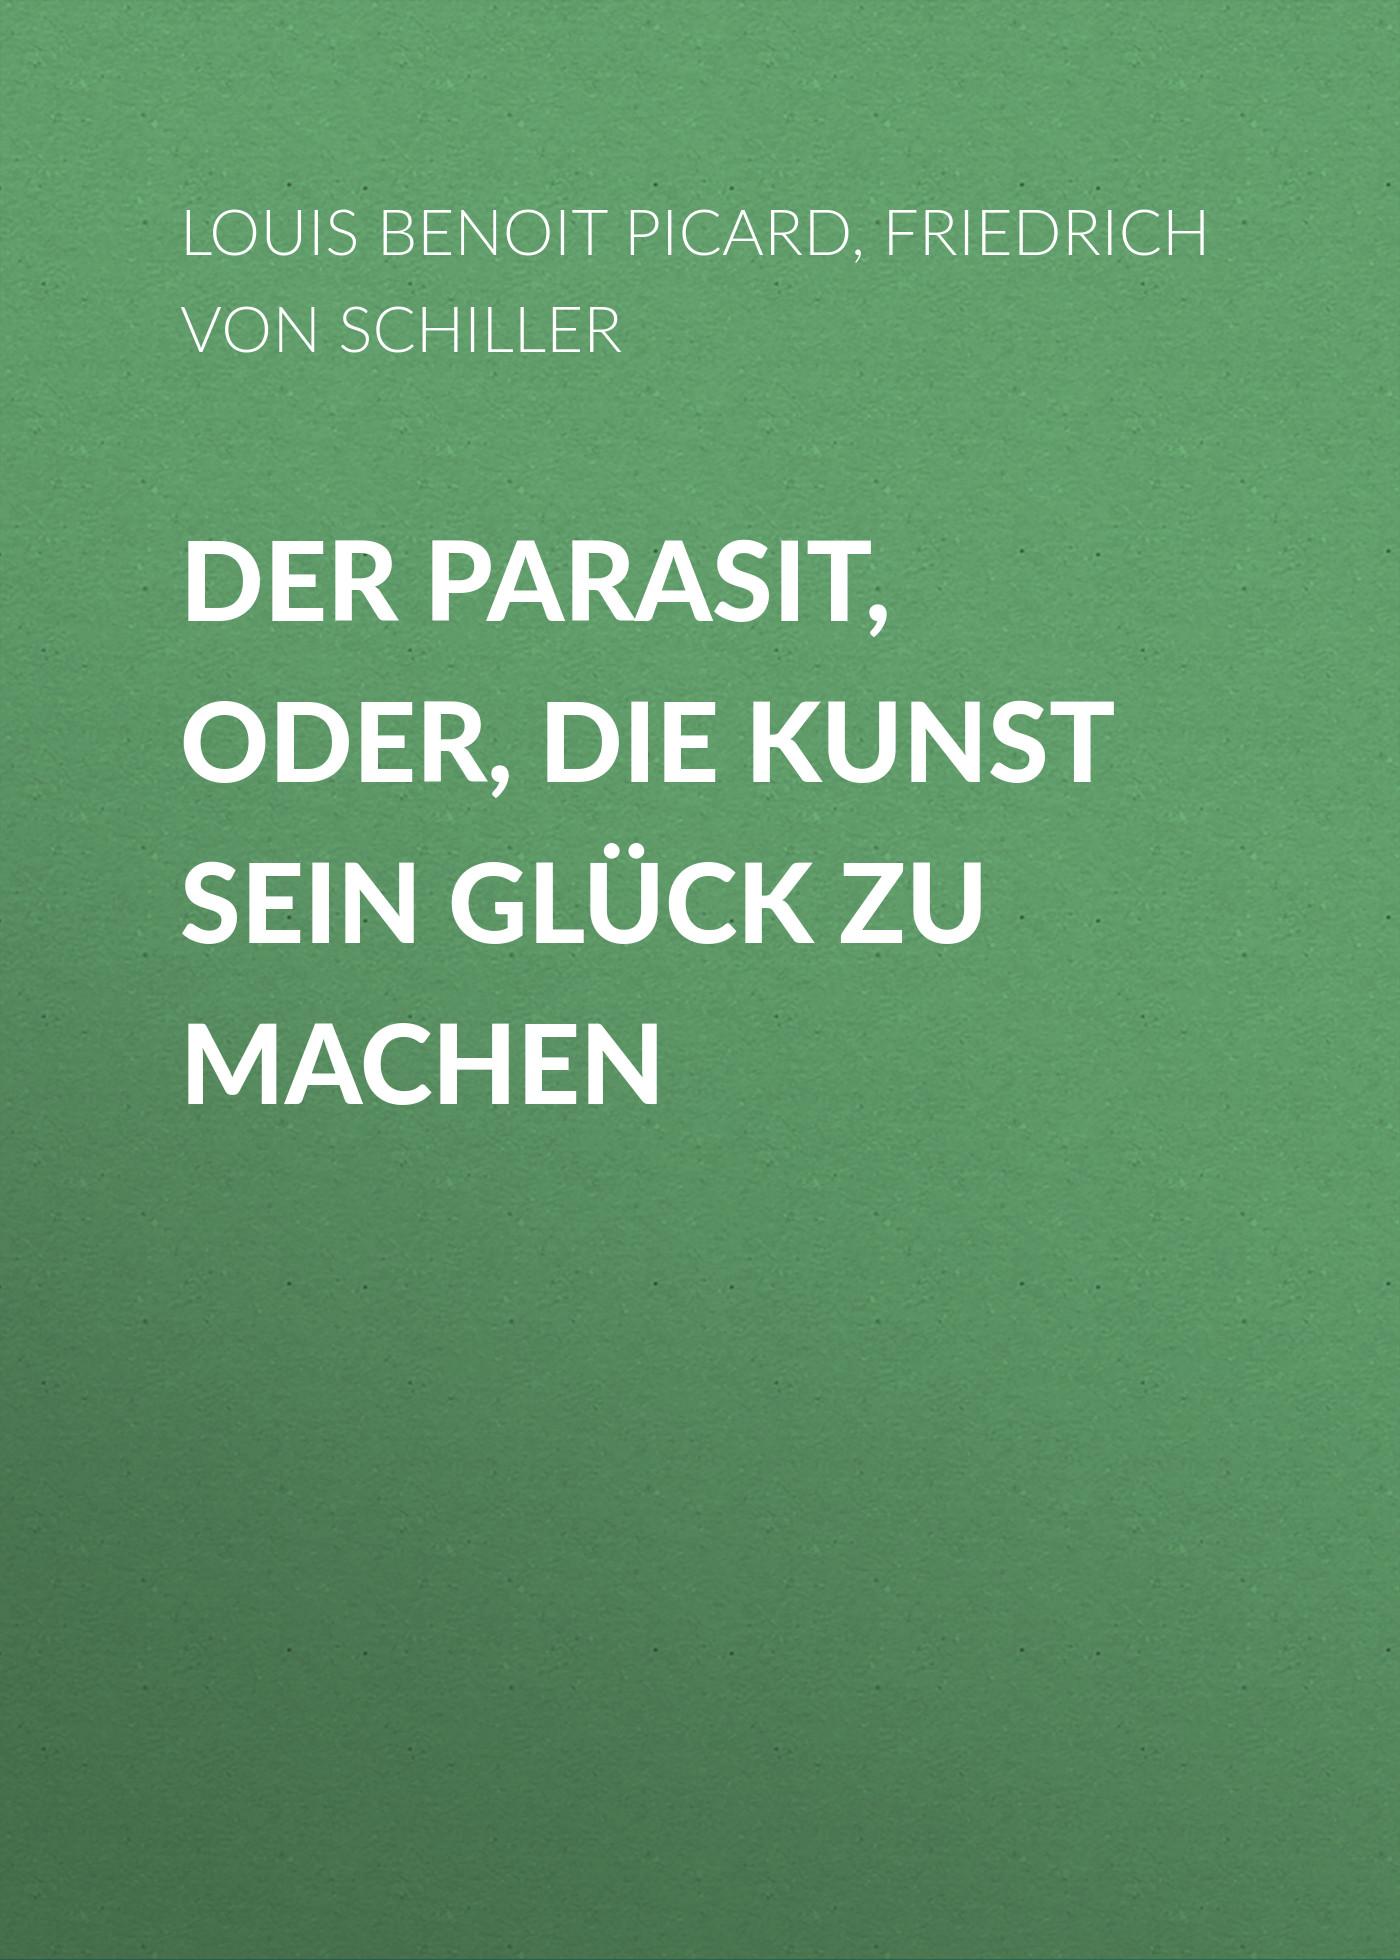 Friedrich von Schiller Der Parasit, oder, die Kunst sein Glück zu machen f x gabelsberger anleitung zur deutschen rede zeichen kunst oder stenographie